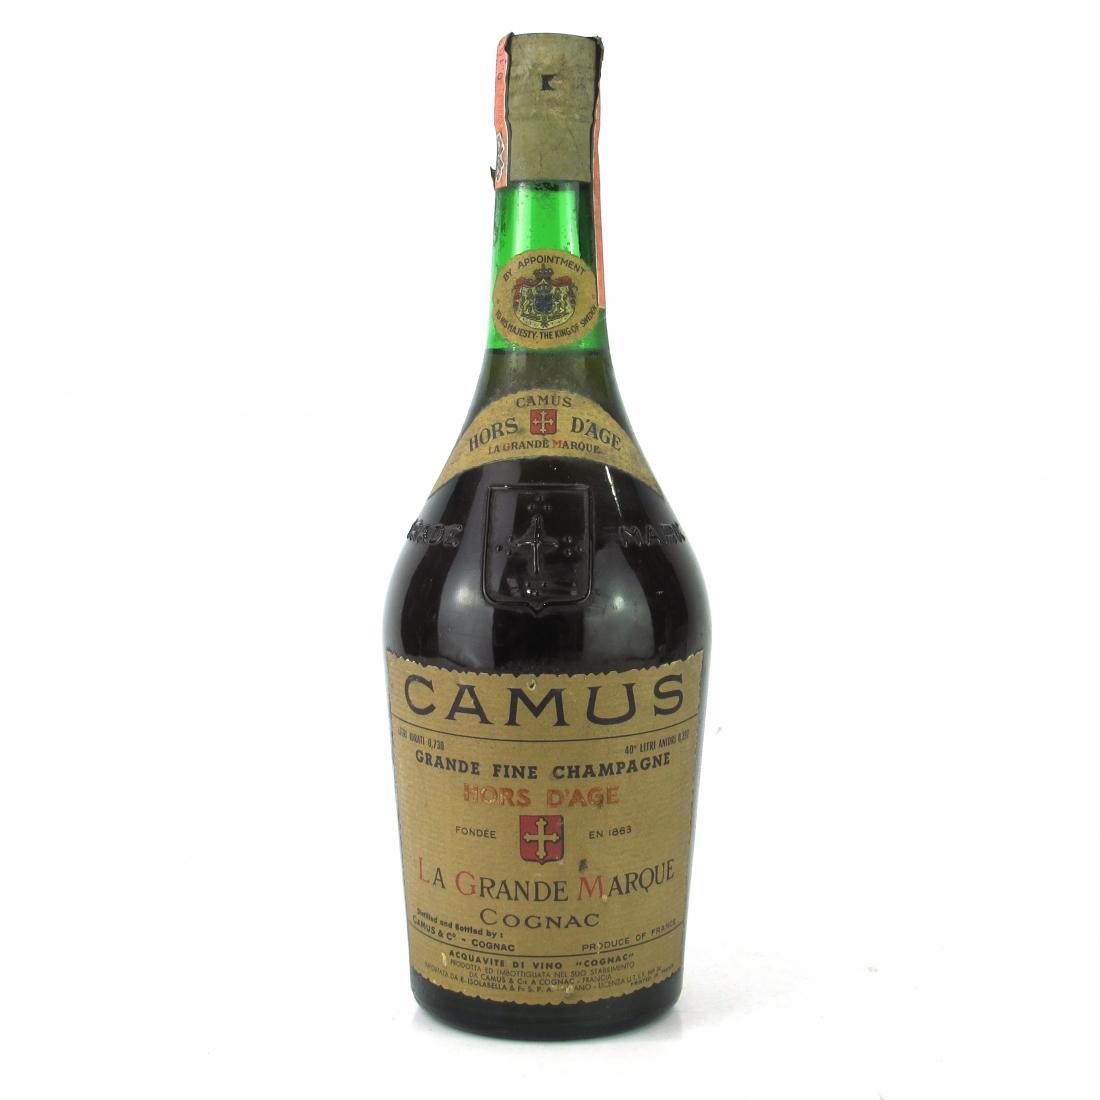 Camus Hors D'Age La Grande Marque Cognac 1970s